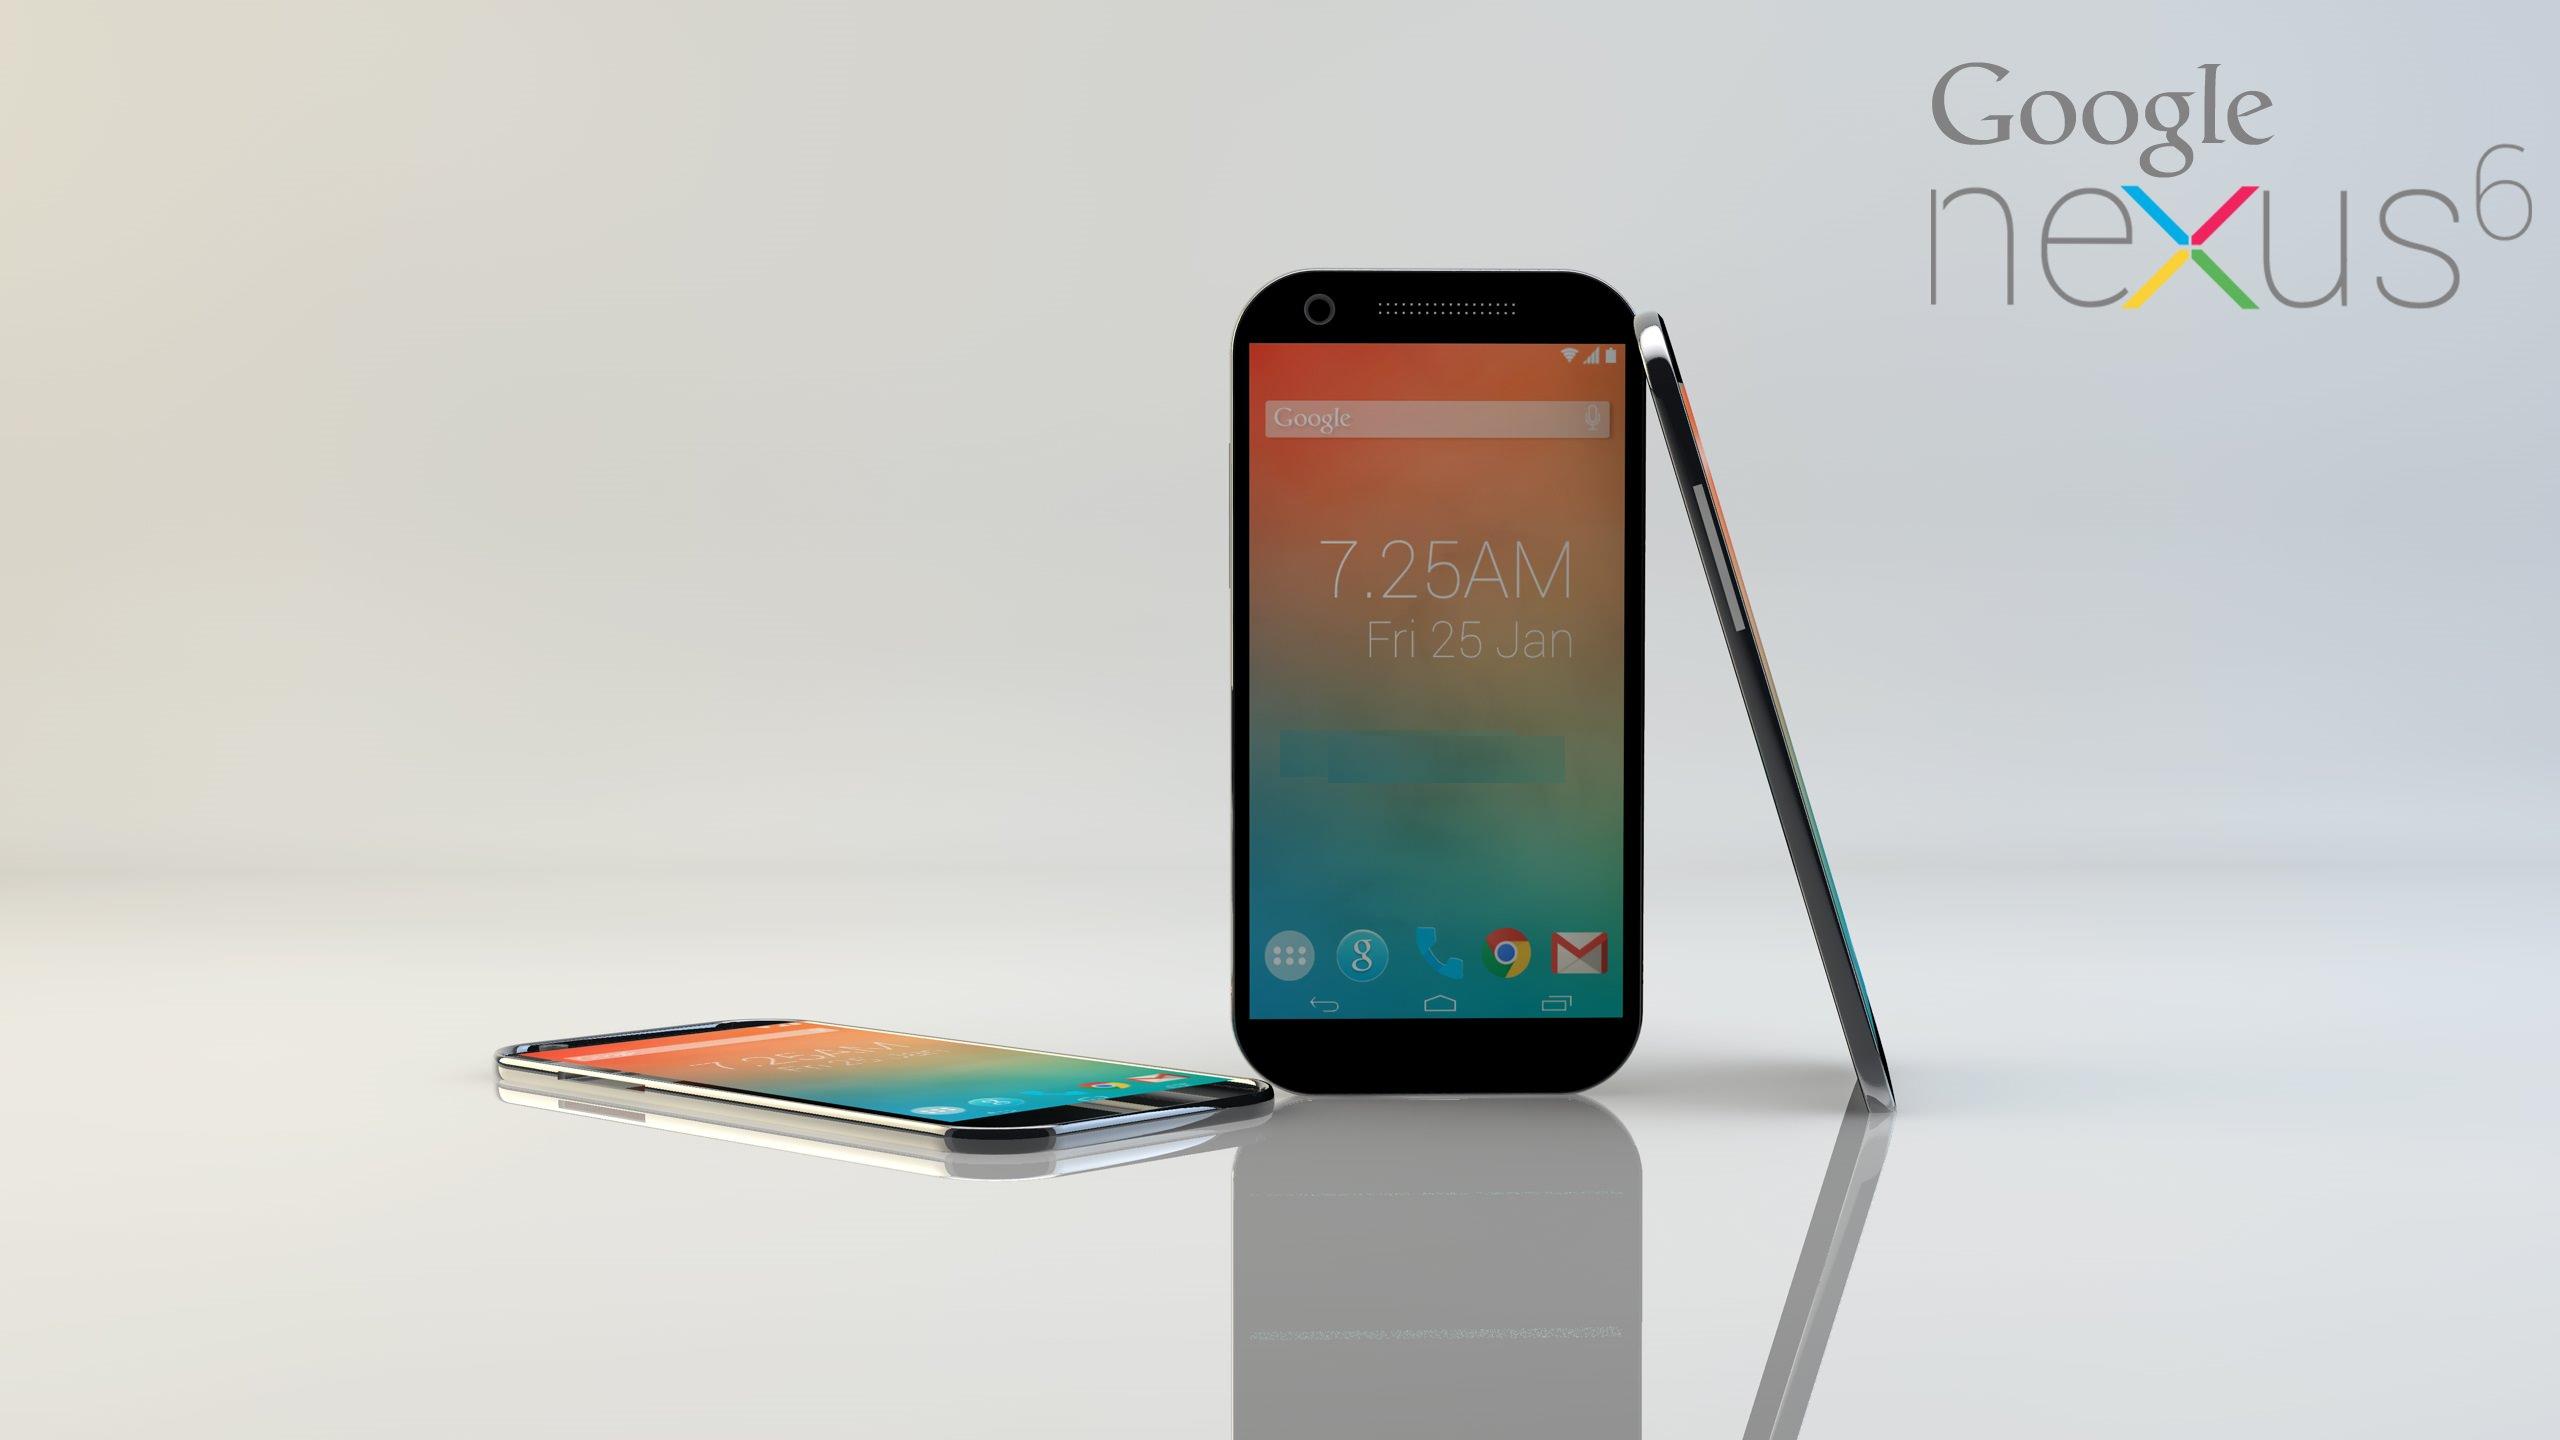 BKeeda-Google Nexus 6 4